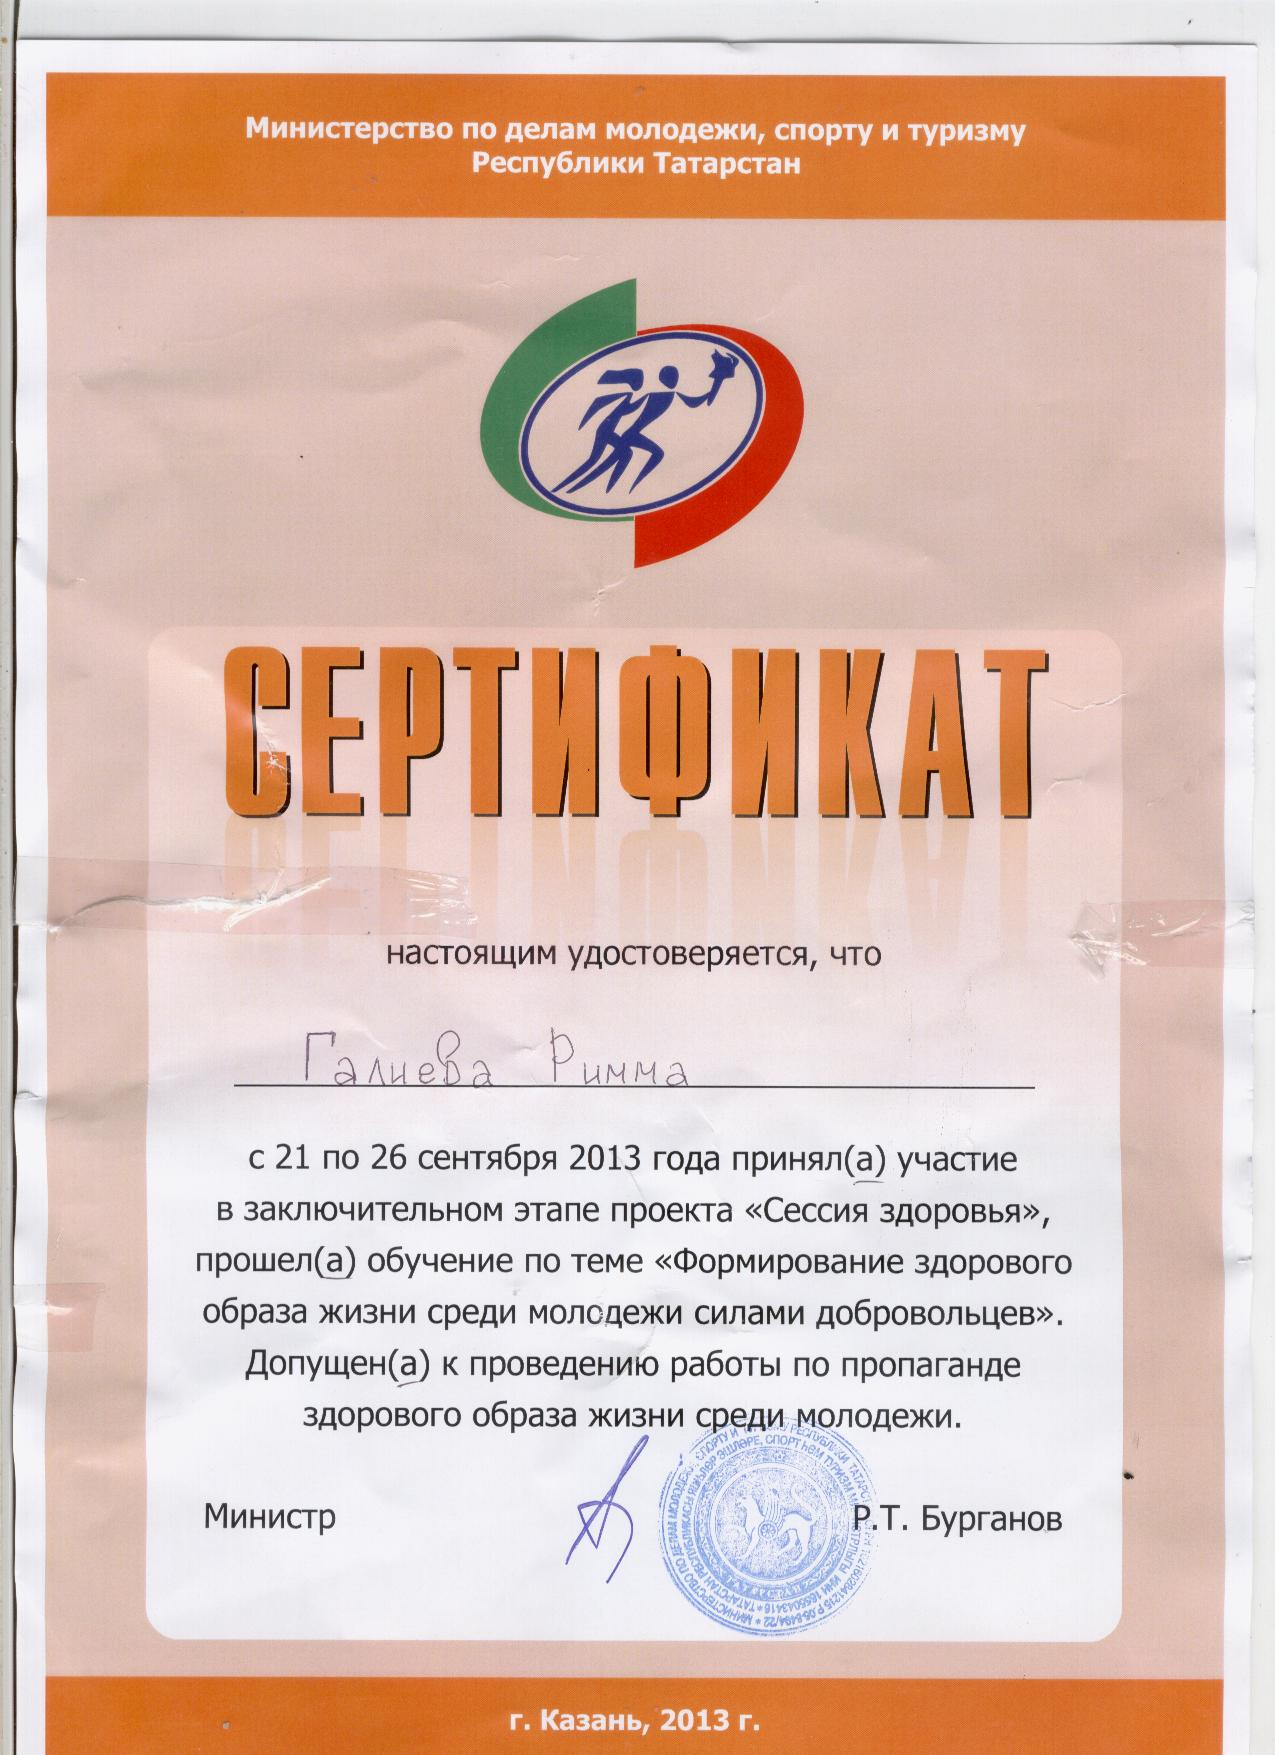 F:\Всероссйский конкурс Портфолио выпускника\РИММА\Сертификат Сессия здоровья.jpg